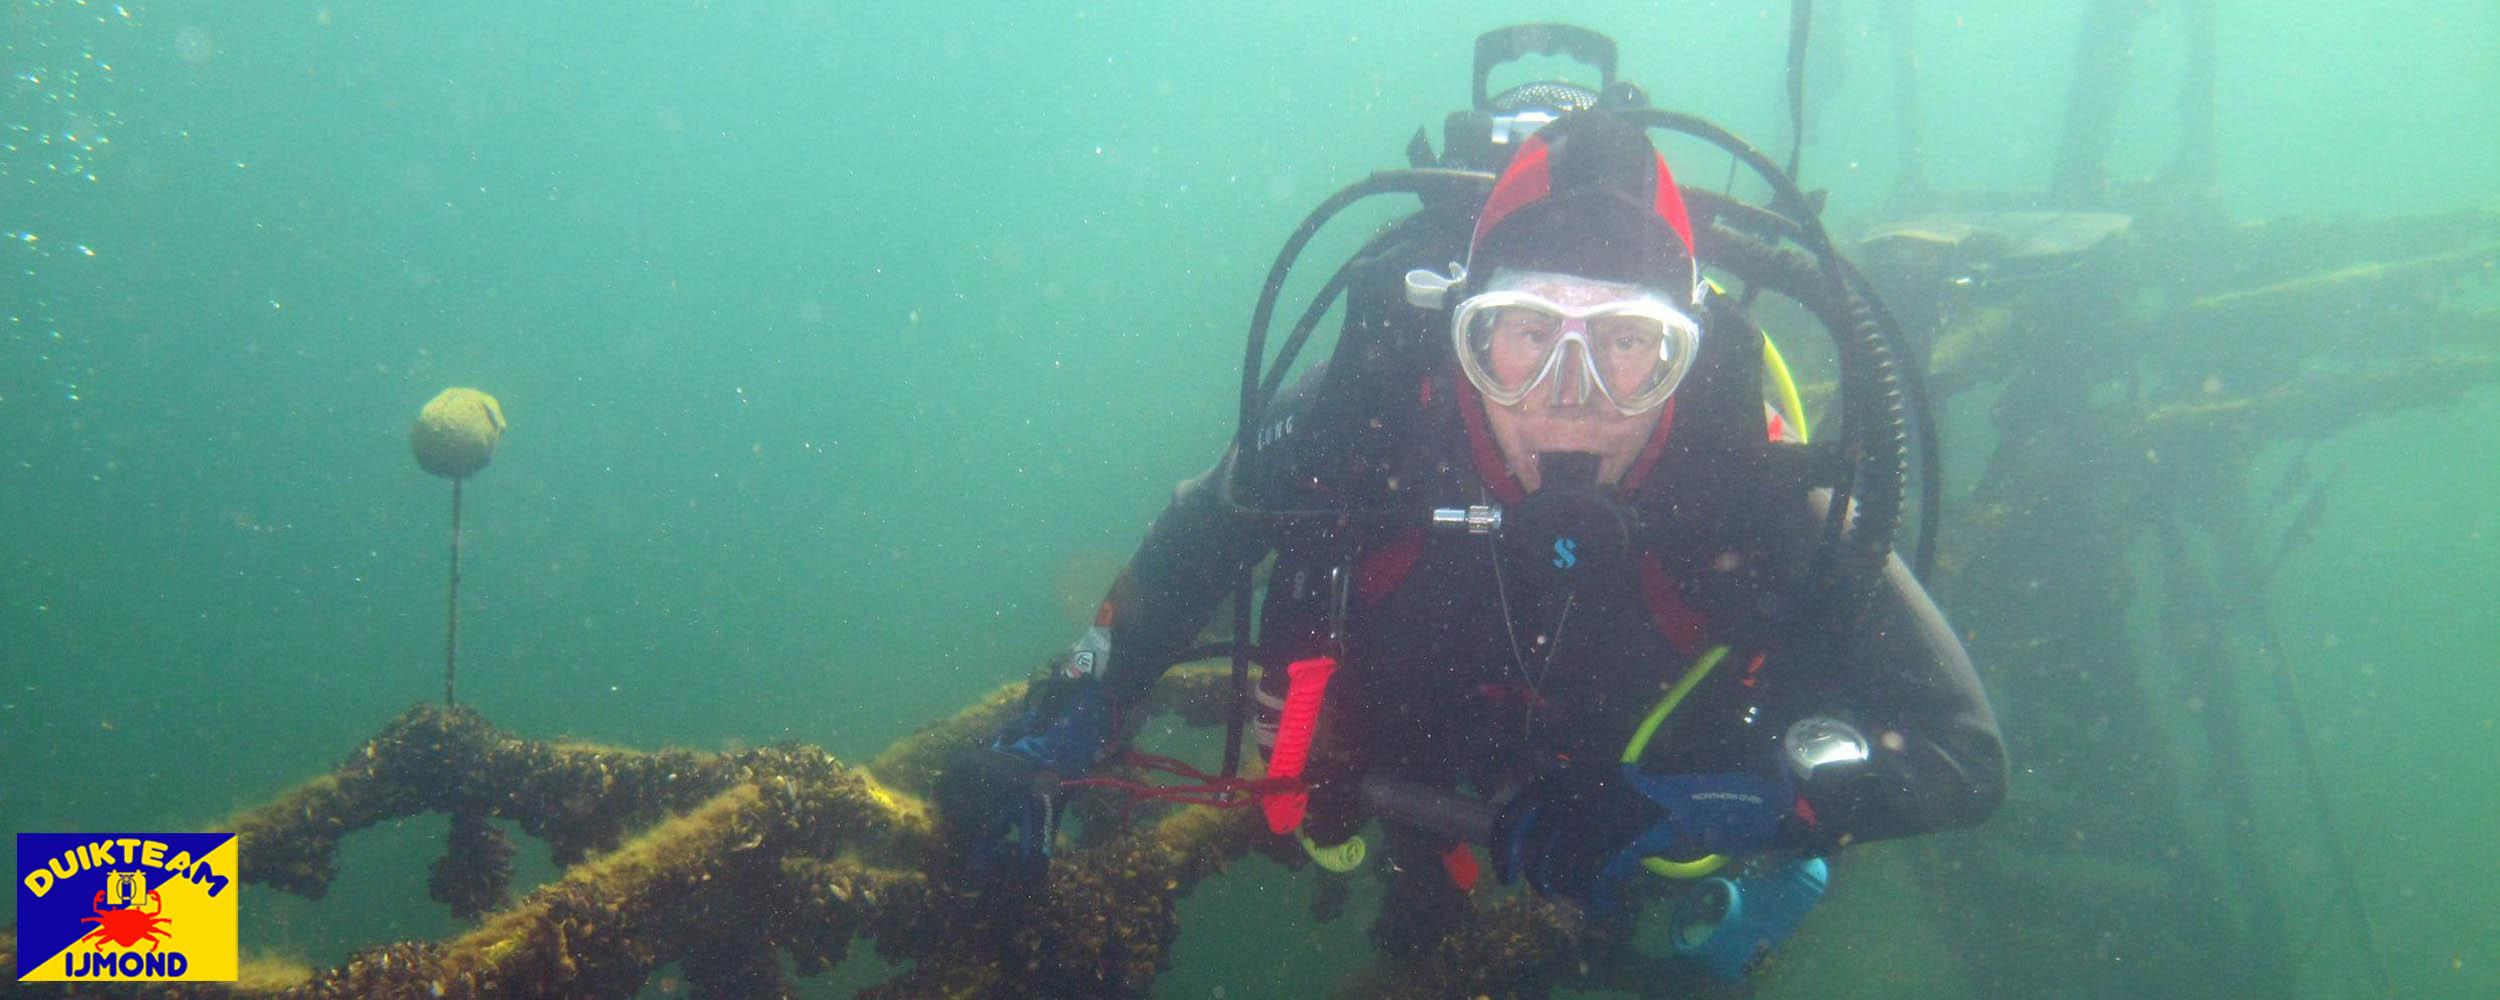 duikteam ijmond duiken in de mooie wateren van nederland